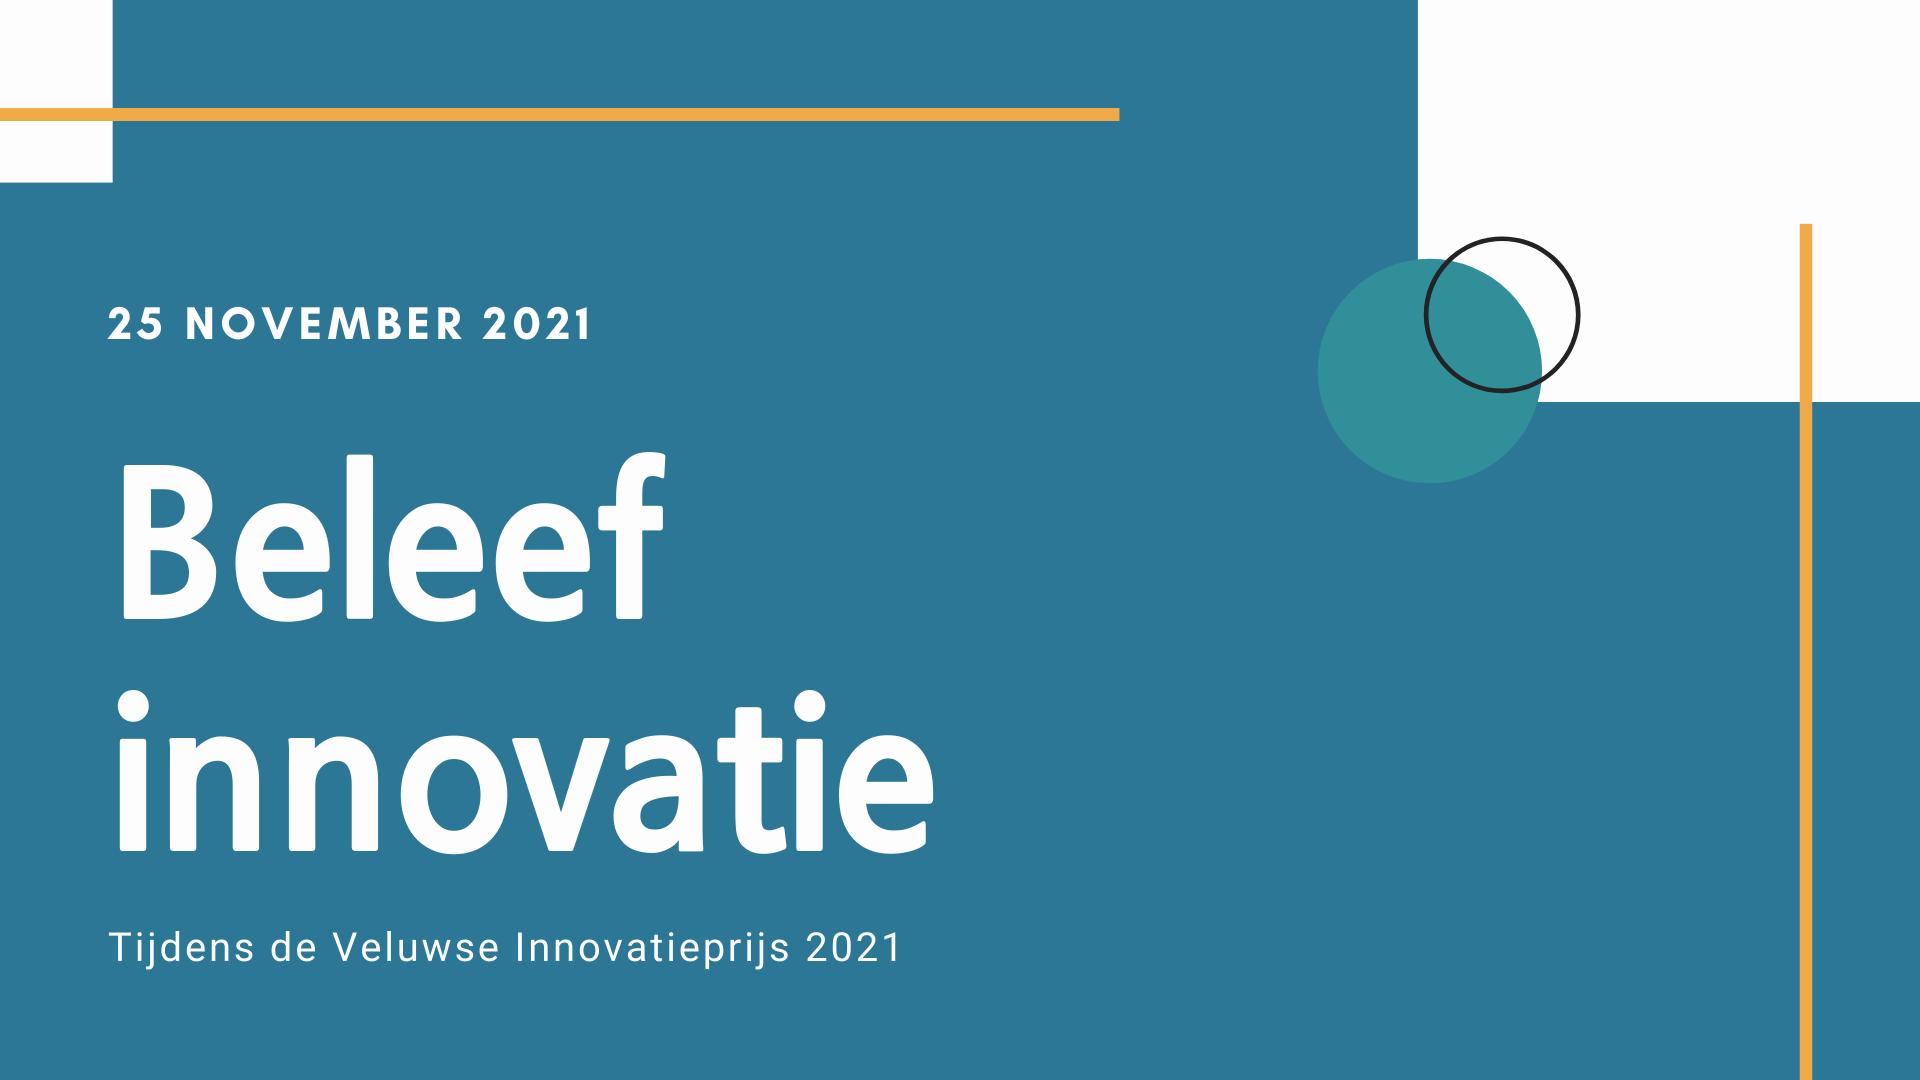 Beleef Innovatie